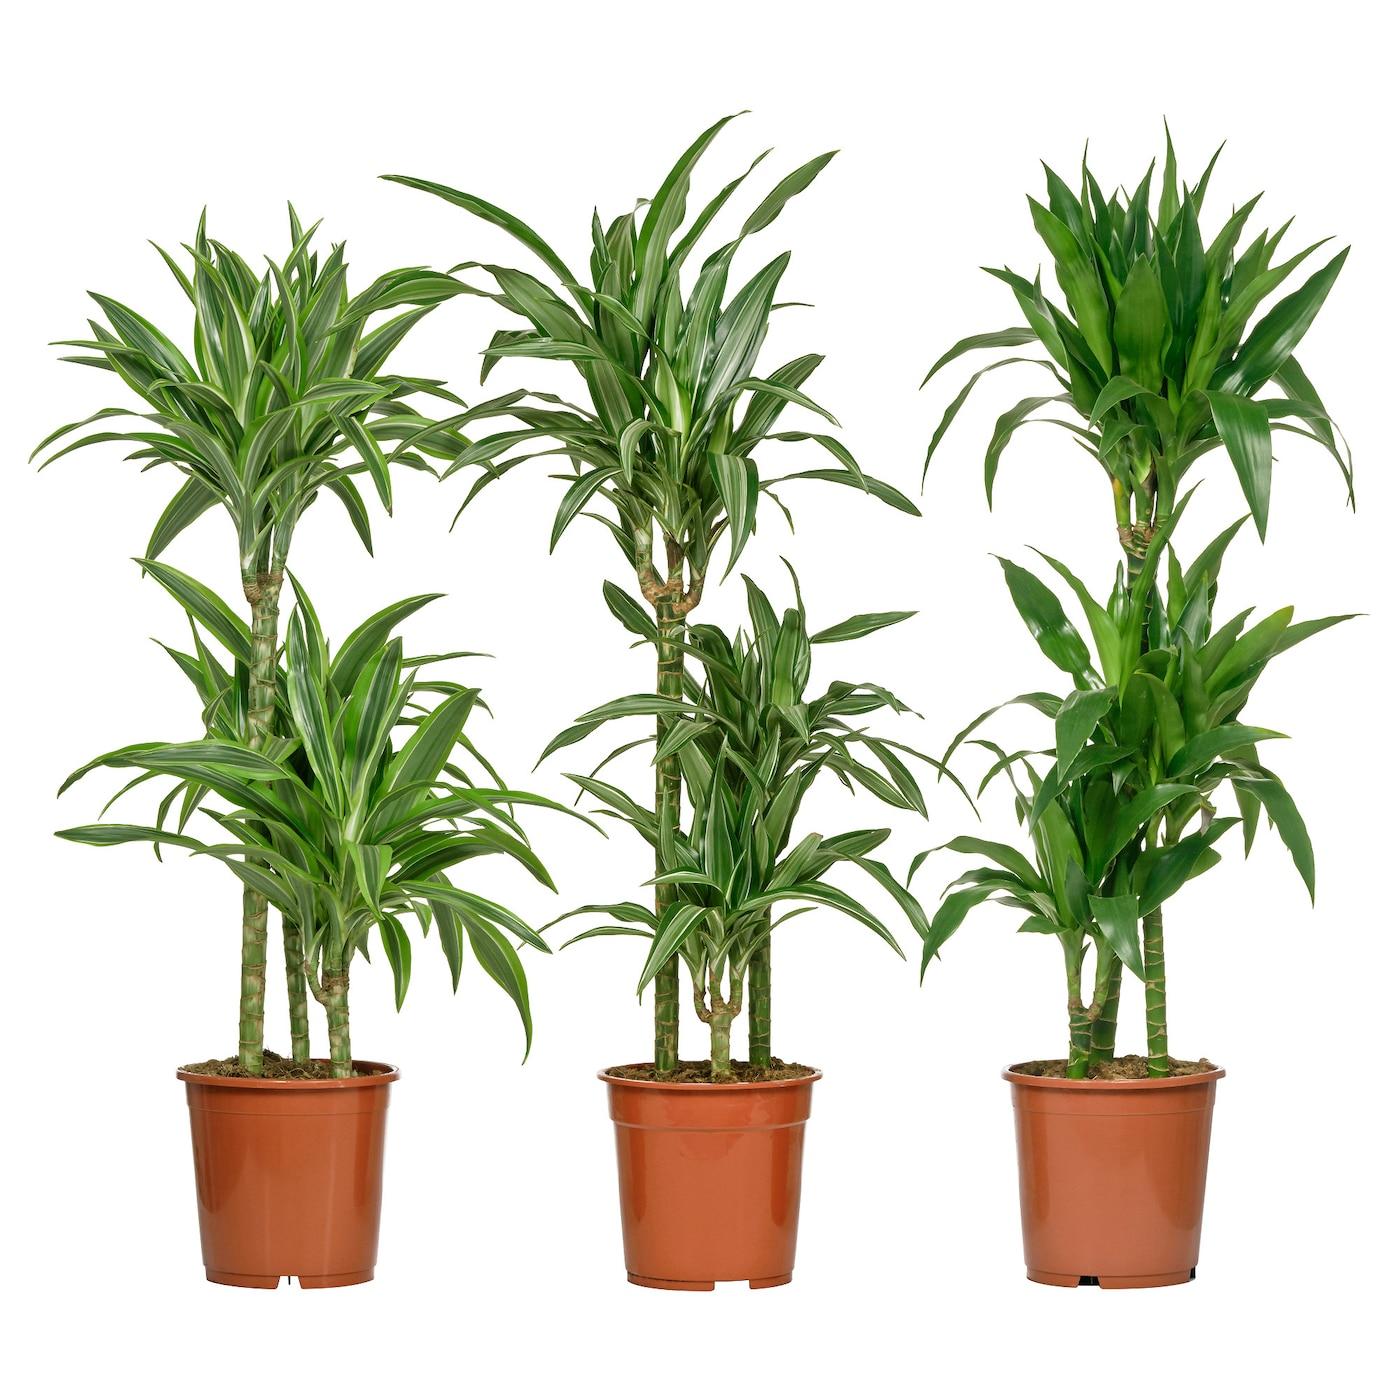 dracaena deremensis plante en pot diverses esp ces 3 tiges 21 cm ikea. Black Bedroom Furniture Sets. Home Design Ideas